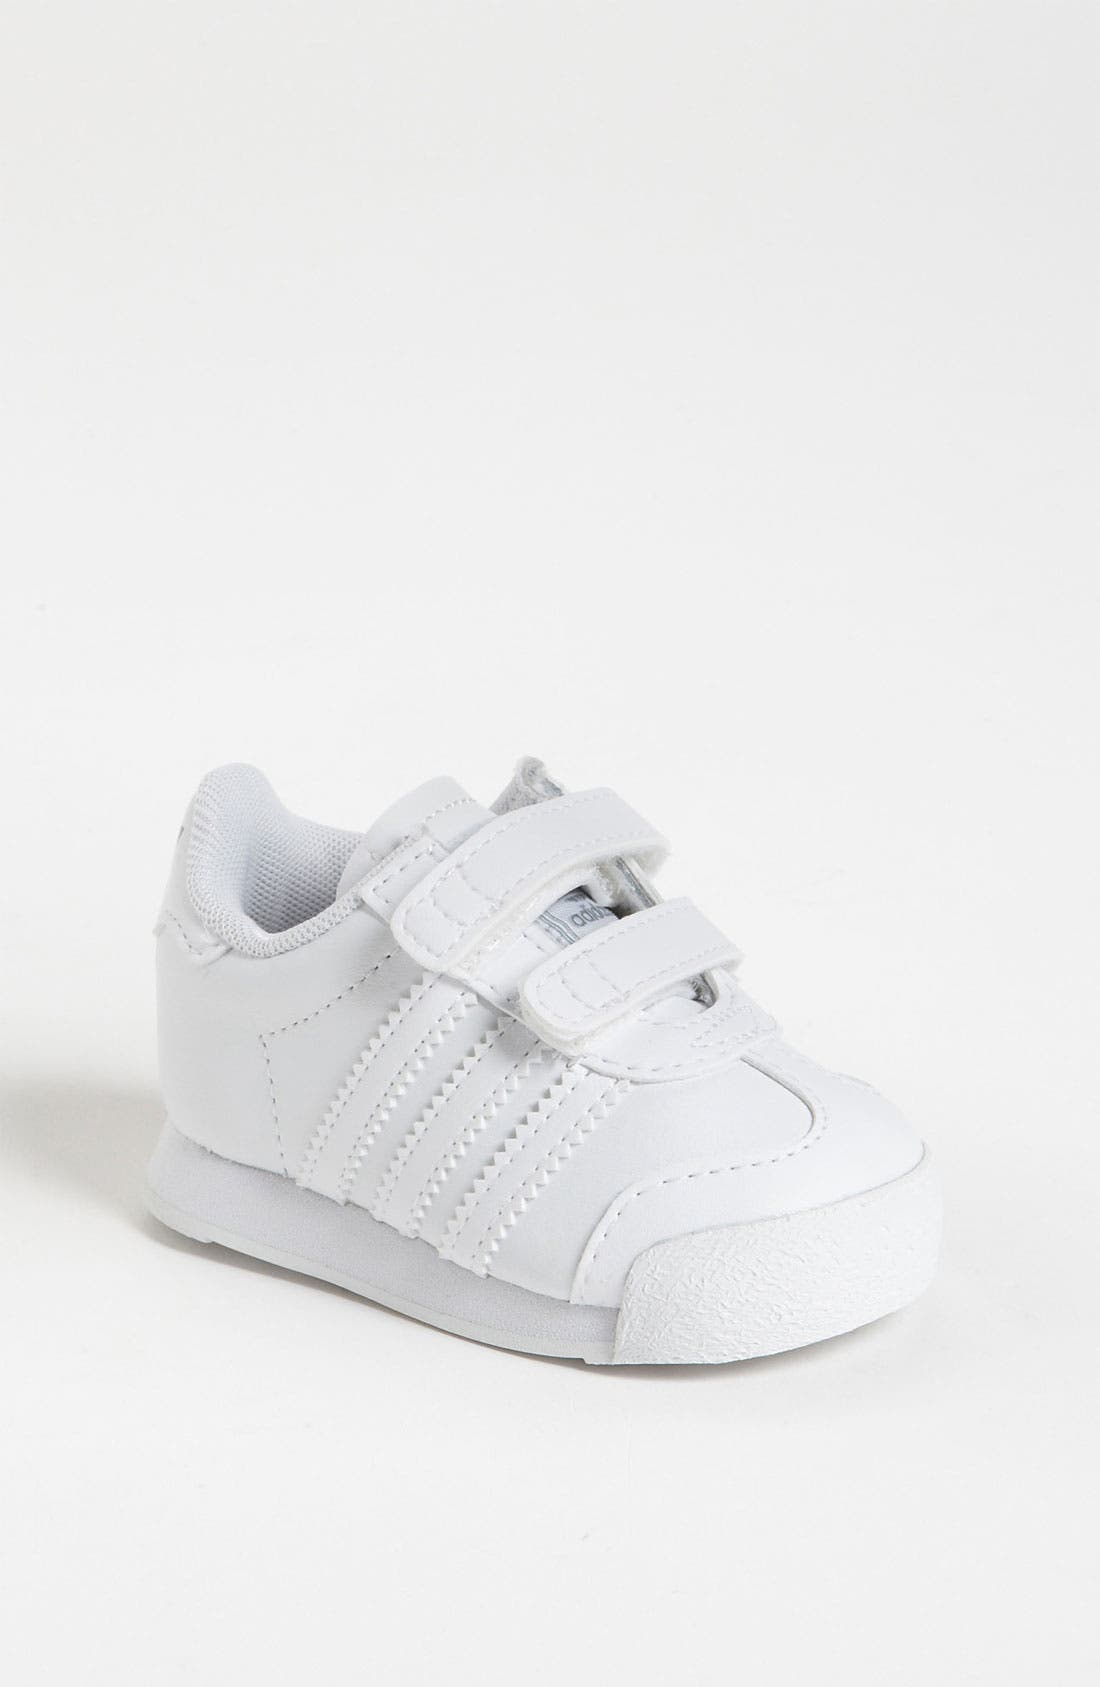 Main Image - adidas 'Samoa' Sneaker (Baby, Walker & Toddler)